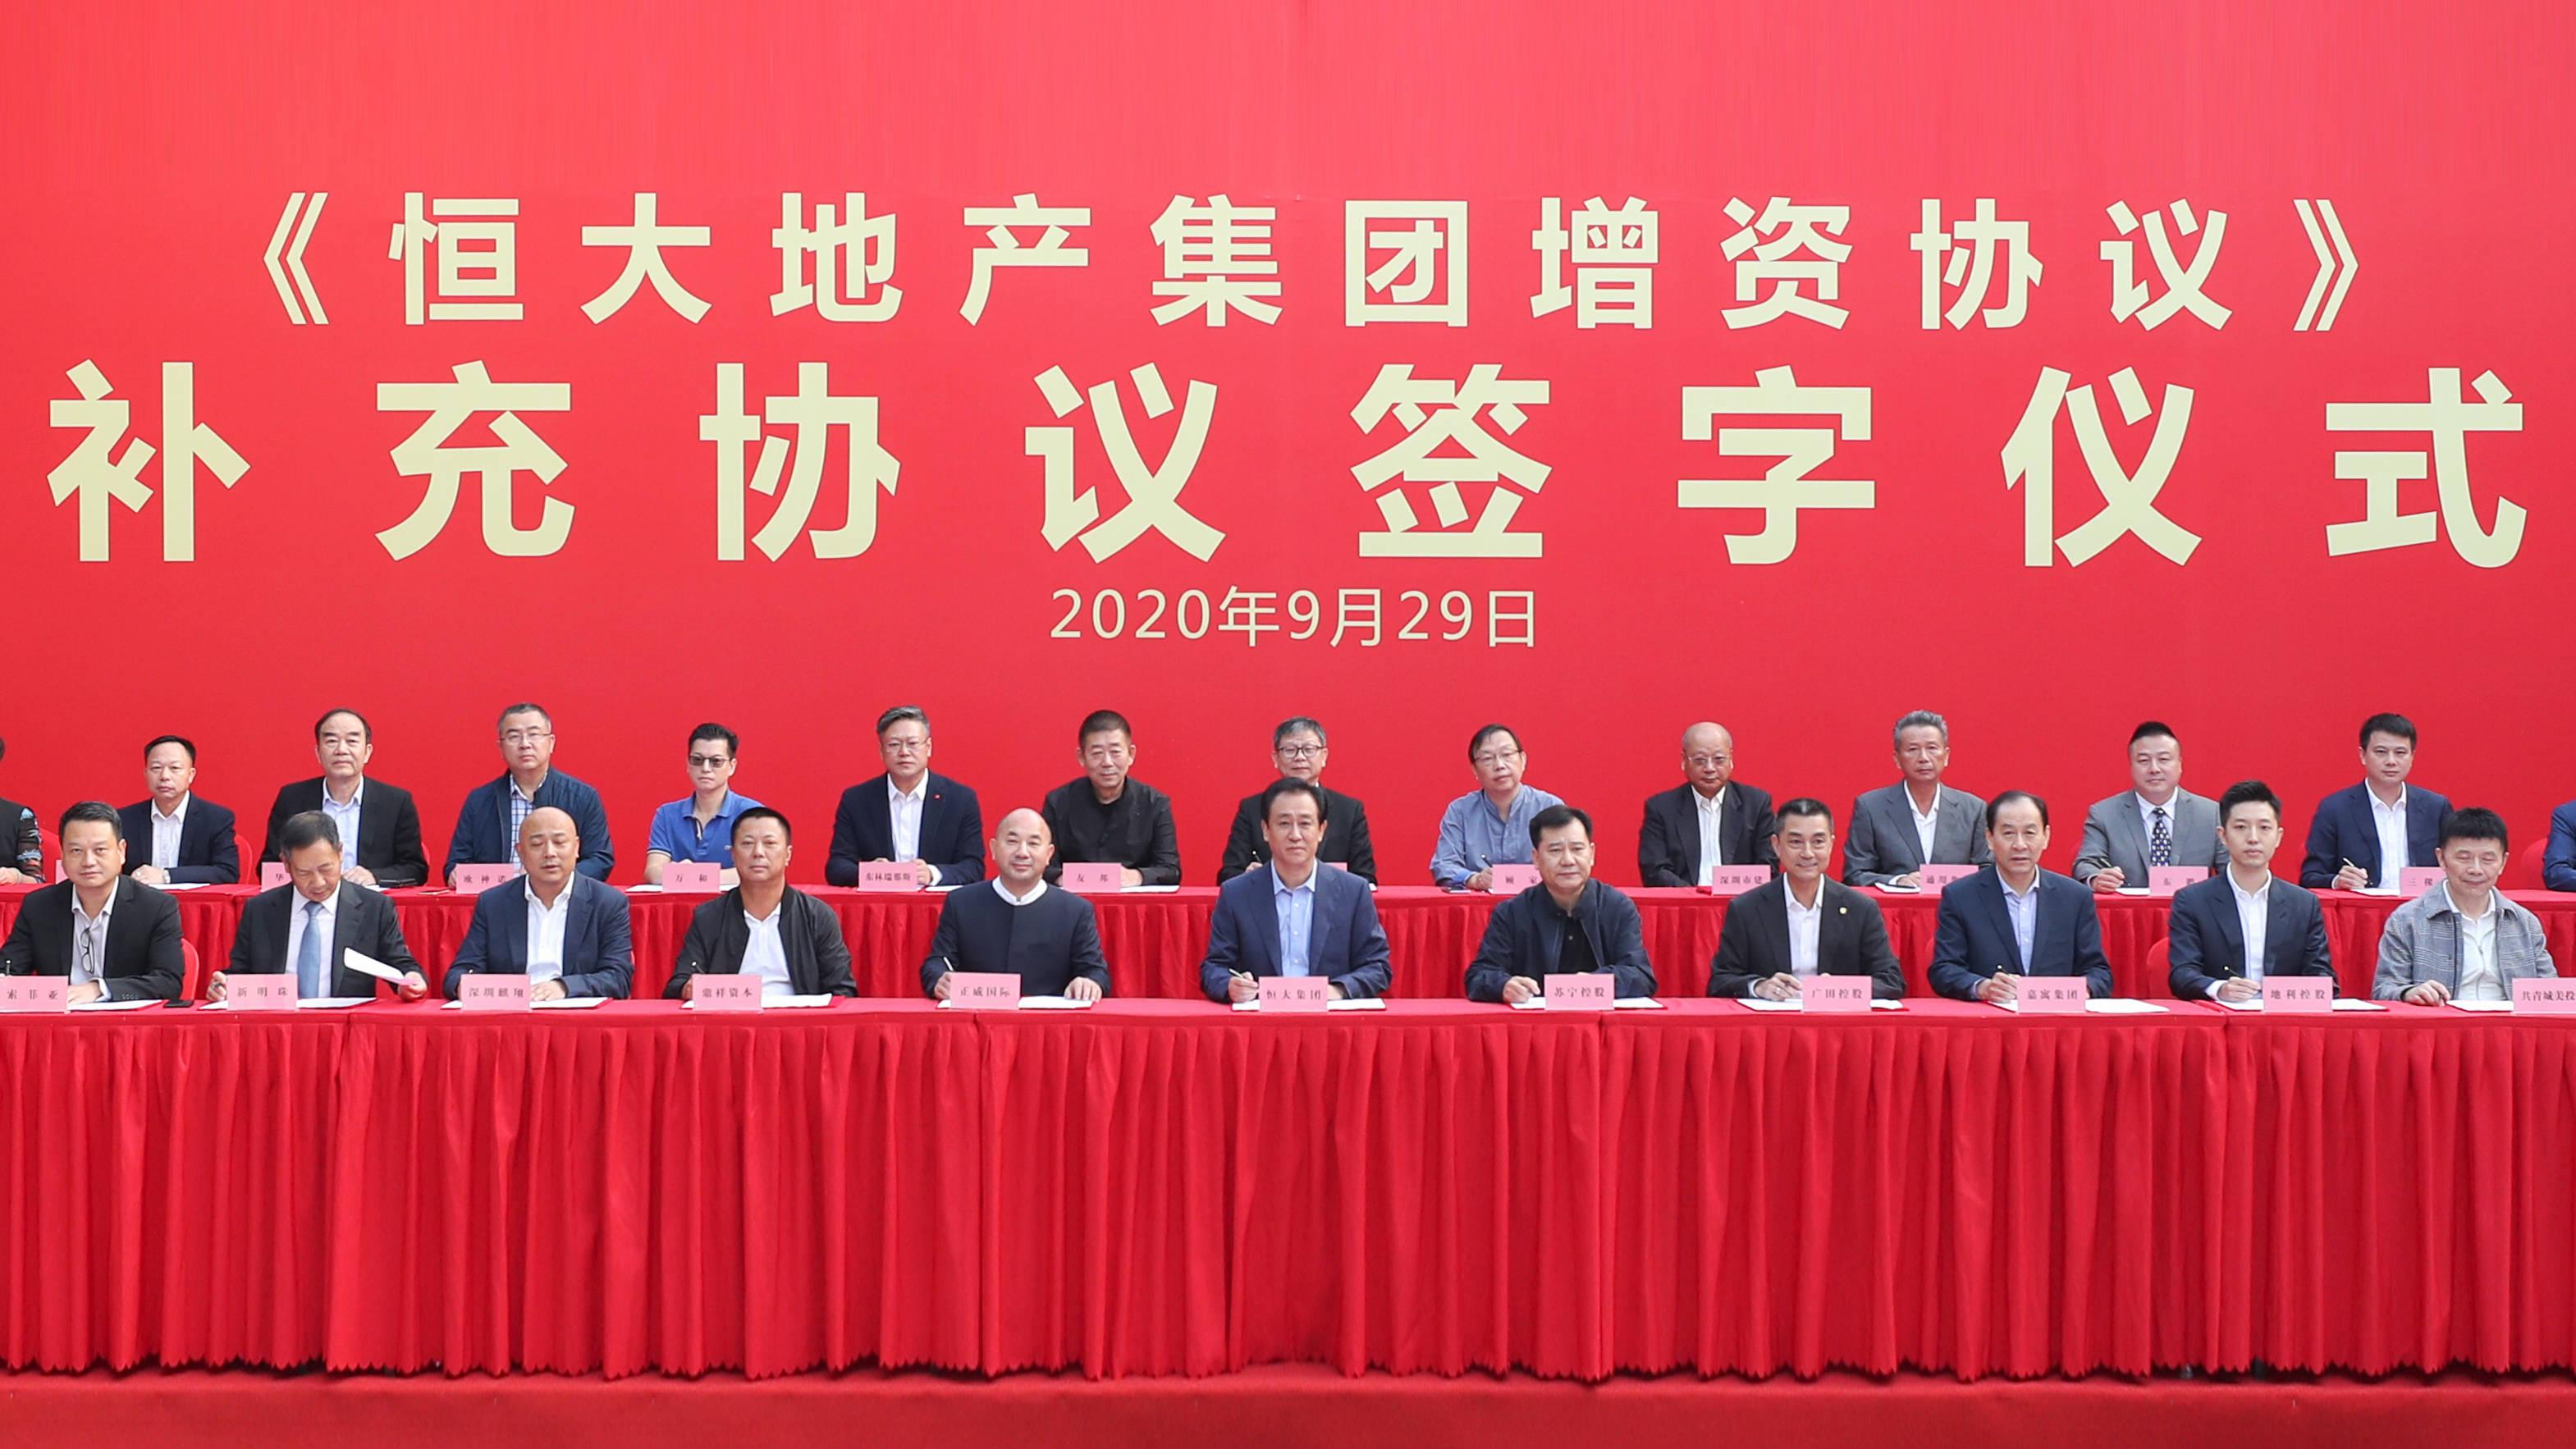 刚刚,许家印与张近东等人签订补充协议,恒大对赌警报解除